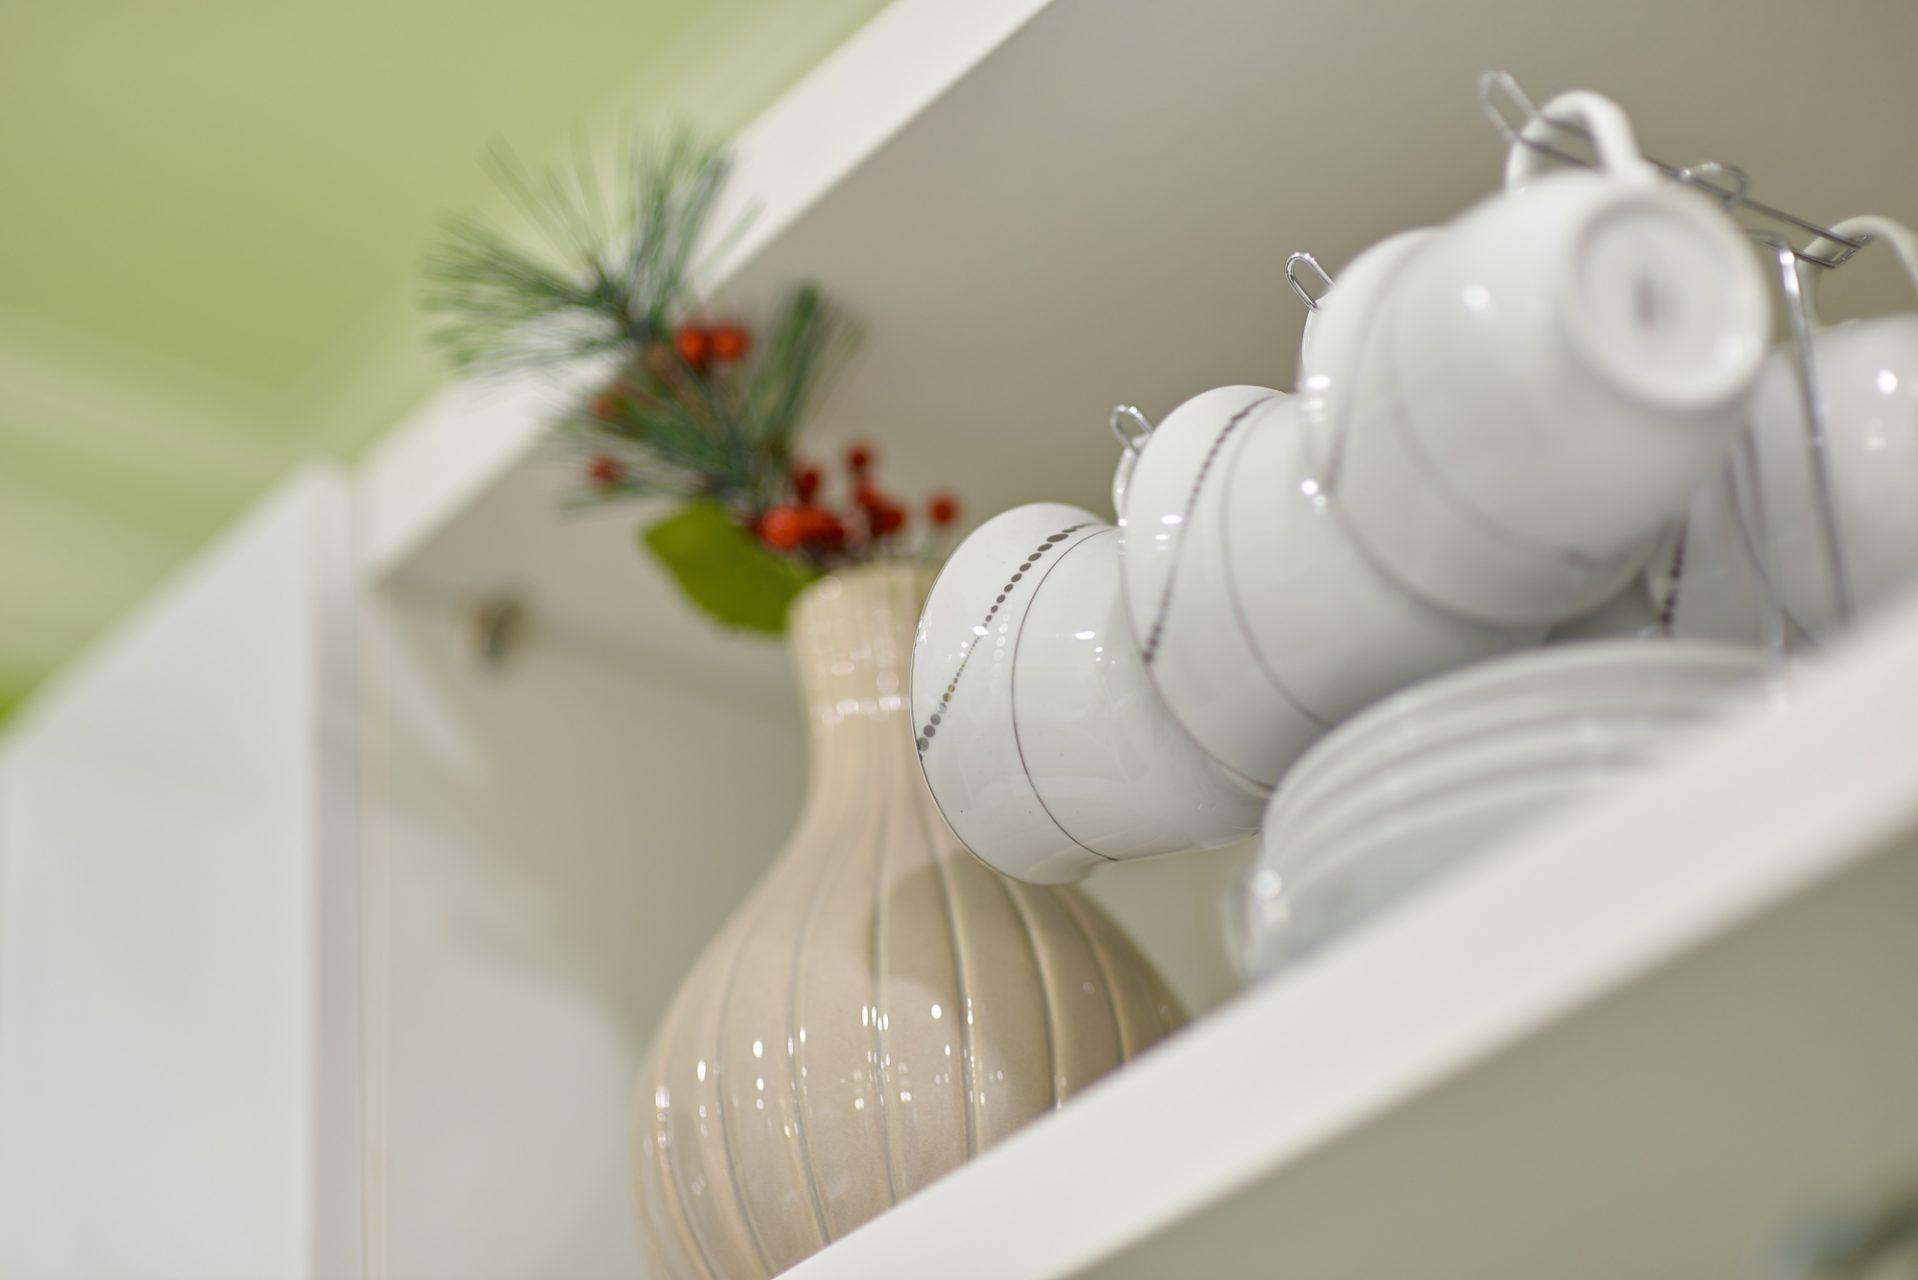 019_interior_kitchen1_korneychikeu